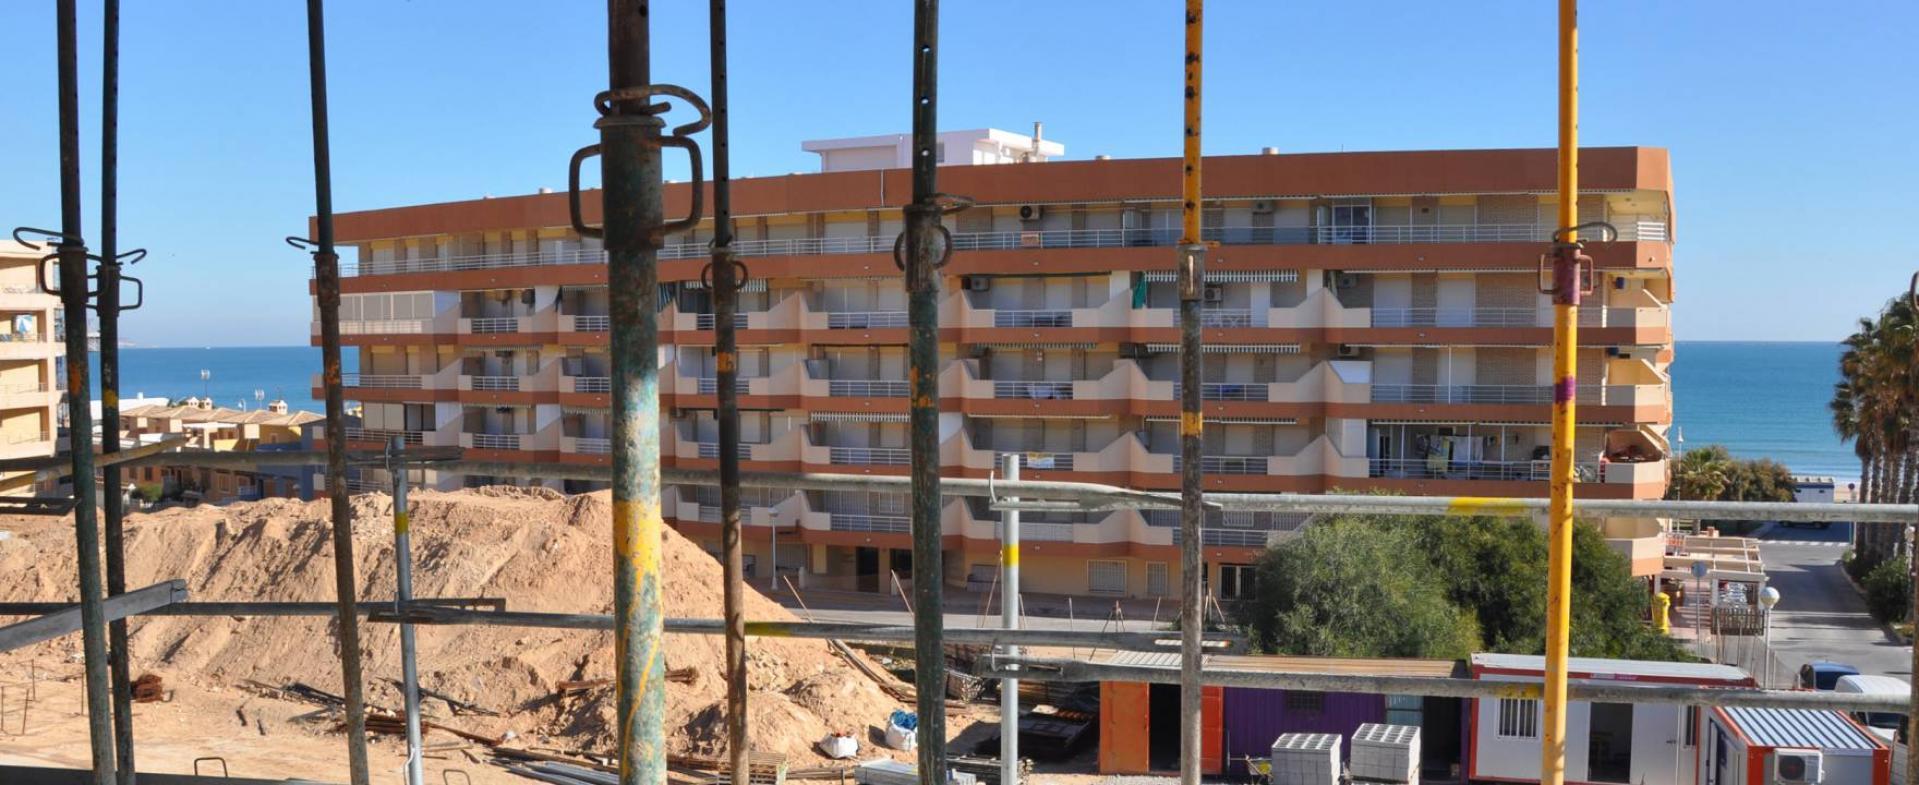 Appartementen aan het strand in Guardamar del Segura in Medvilla Spanje